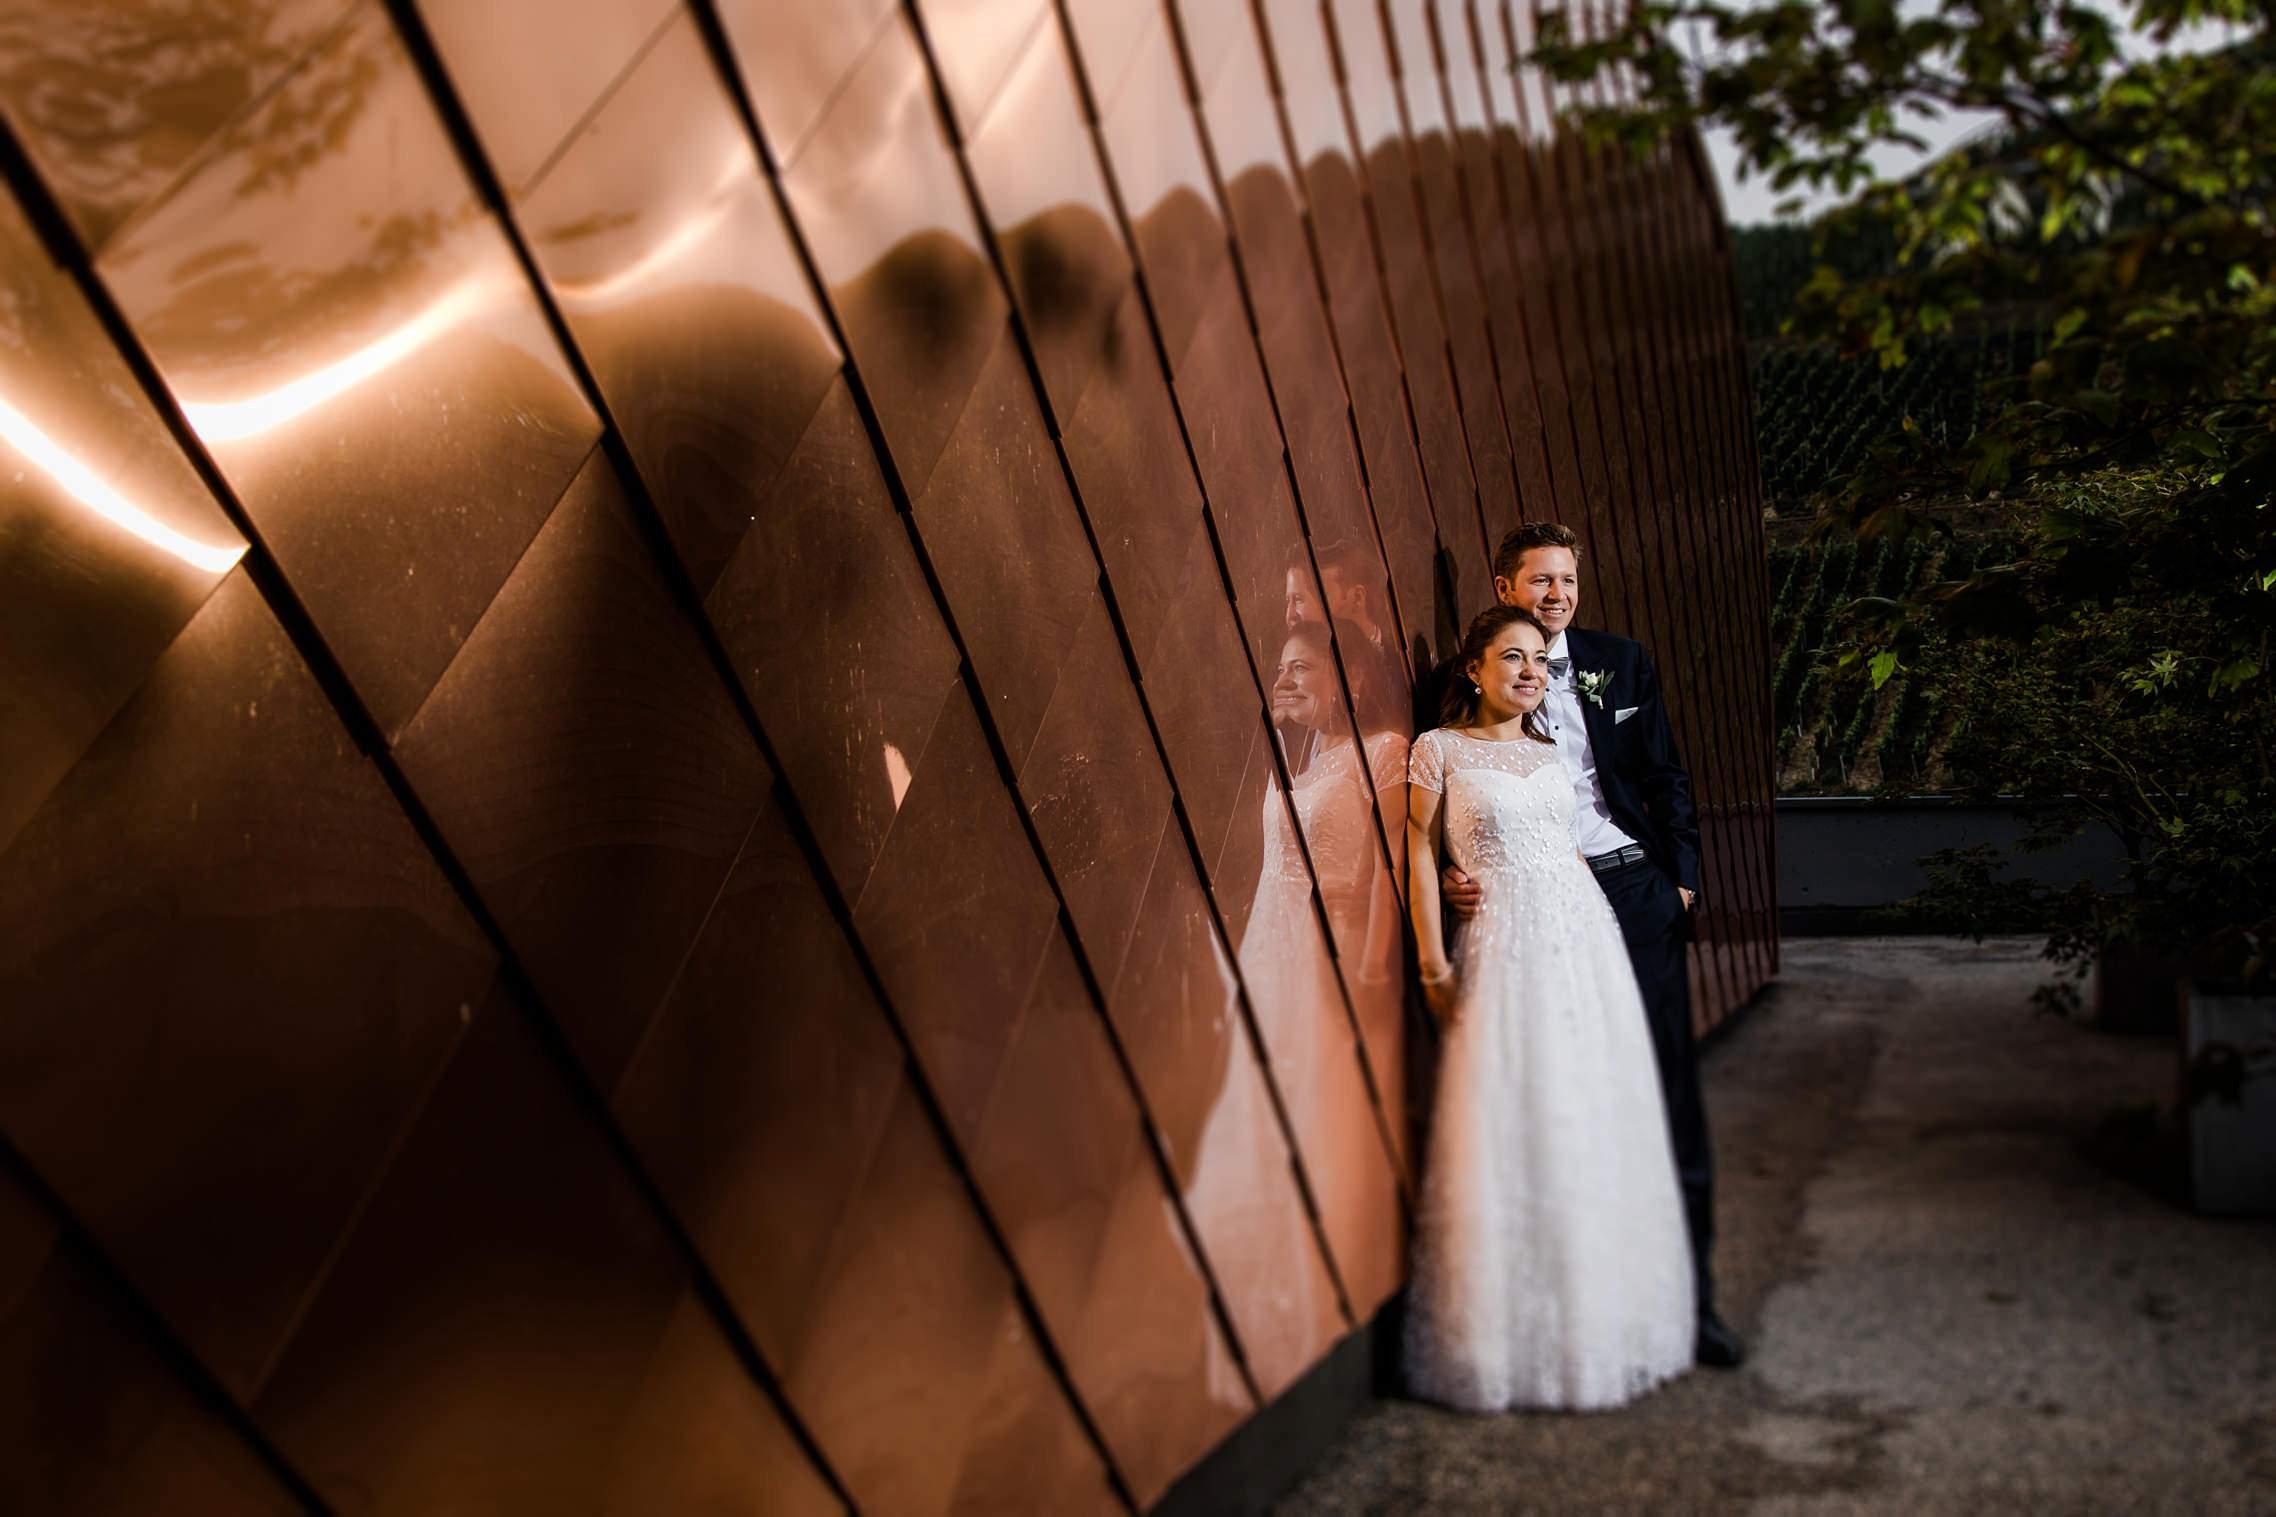 Das Hochzeitspaar posiert vor einer grossen, mit Kupfer beschlagenen Wand, für das Shooting der Hochzeit im Gut Hermannsberg.